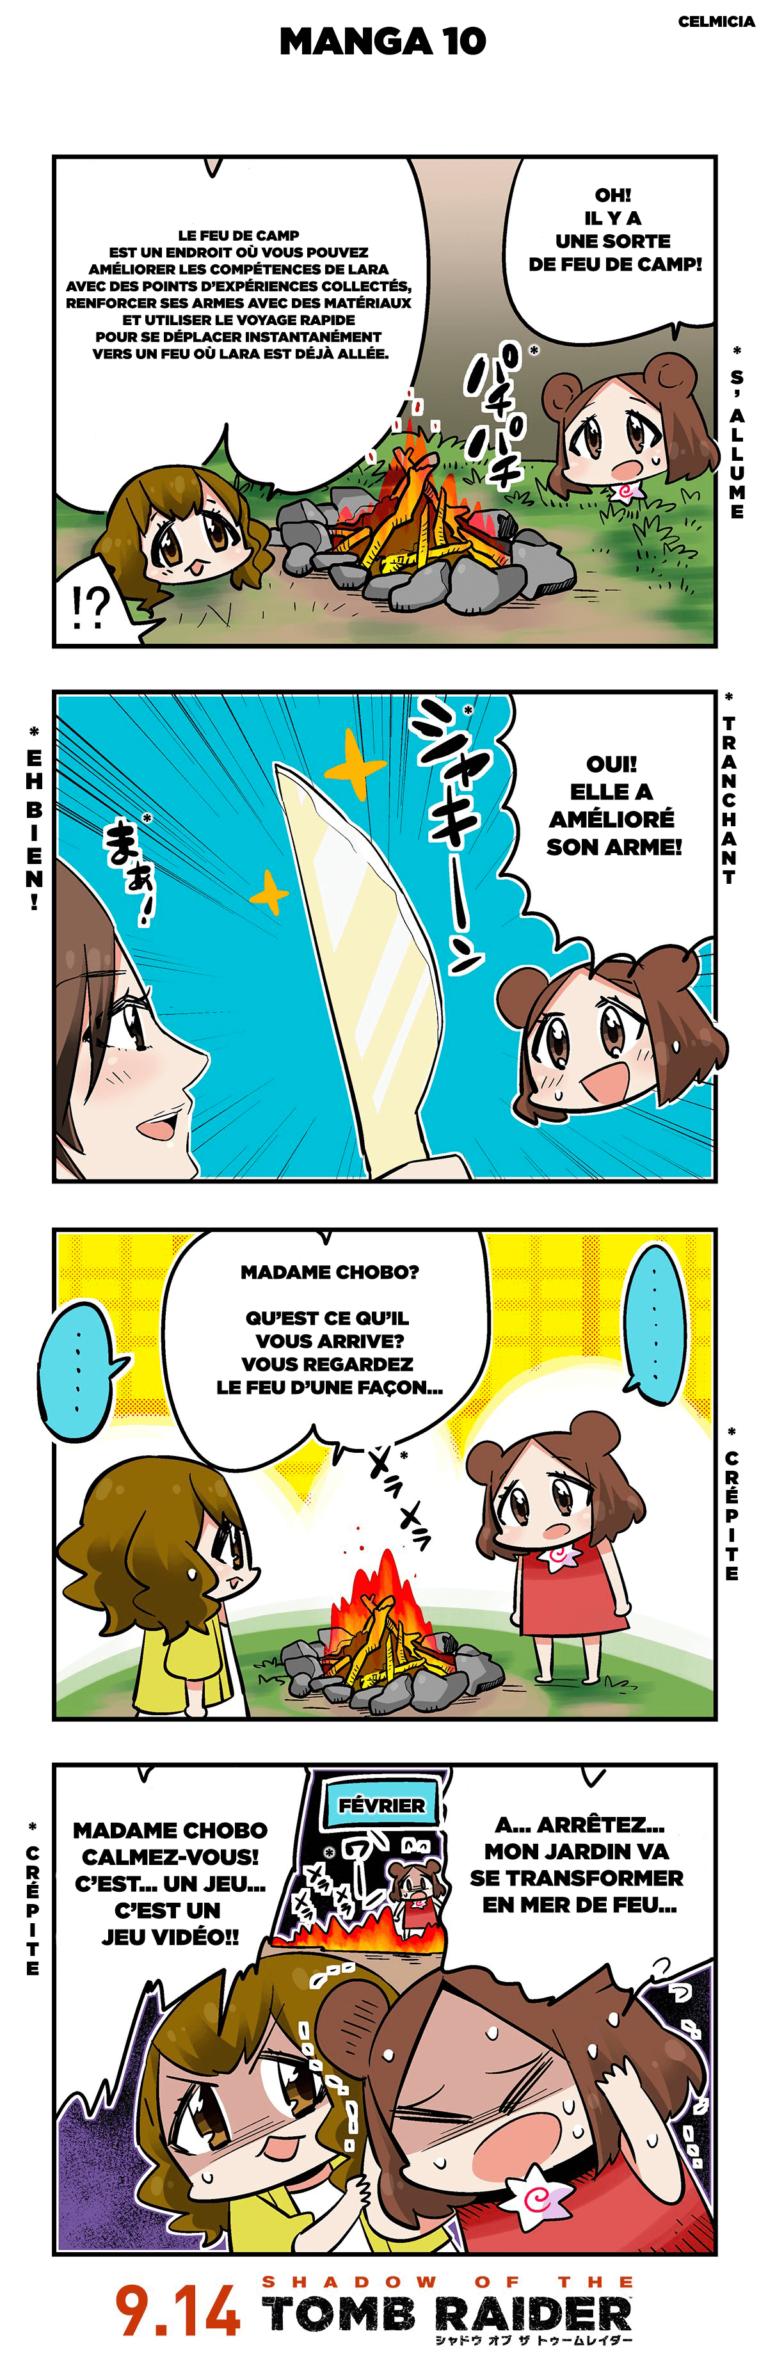 sottr_manga_square_enix_jp_10_opti